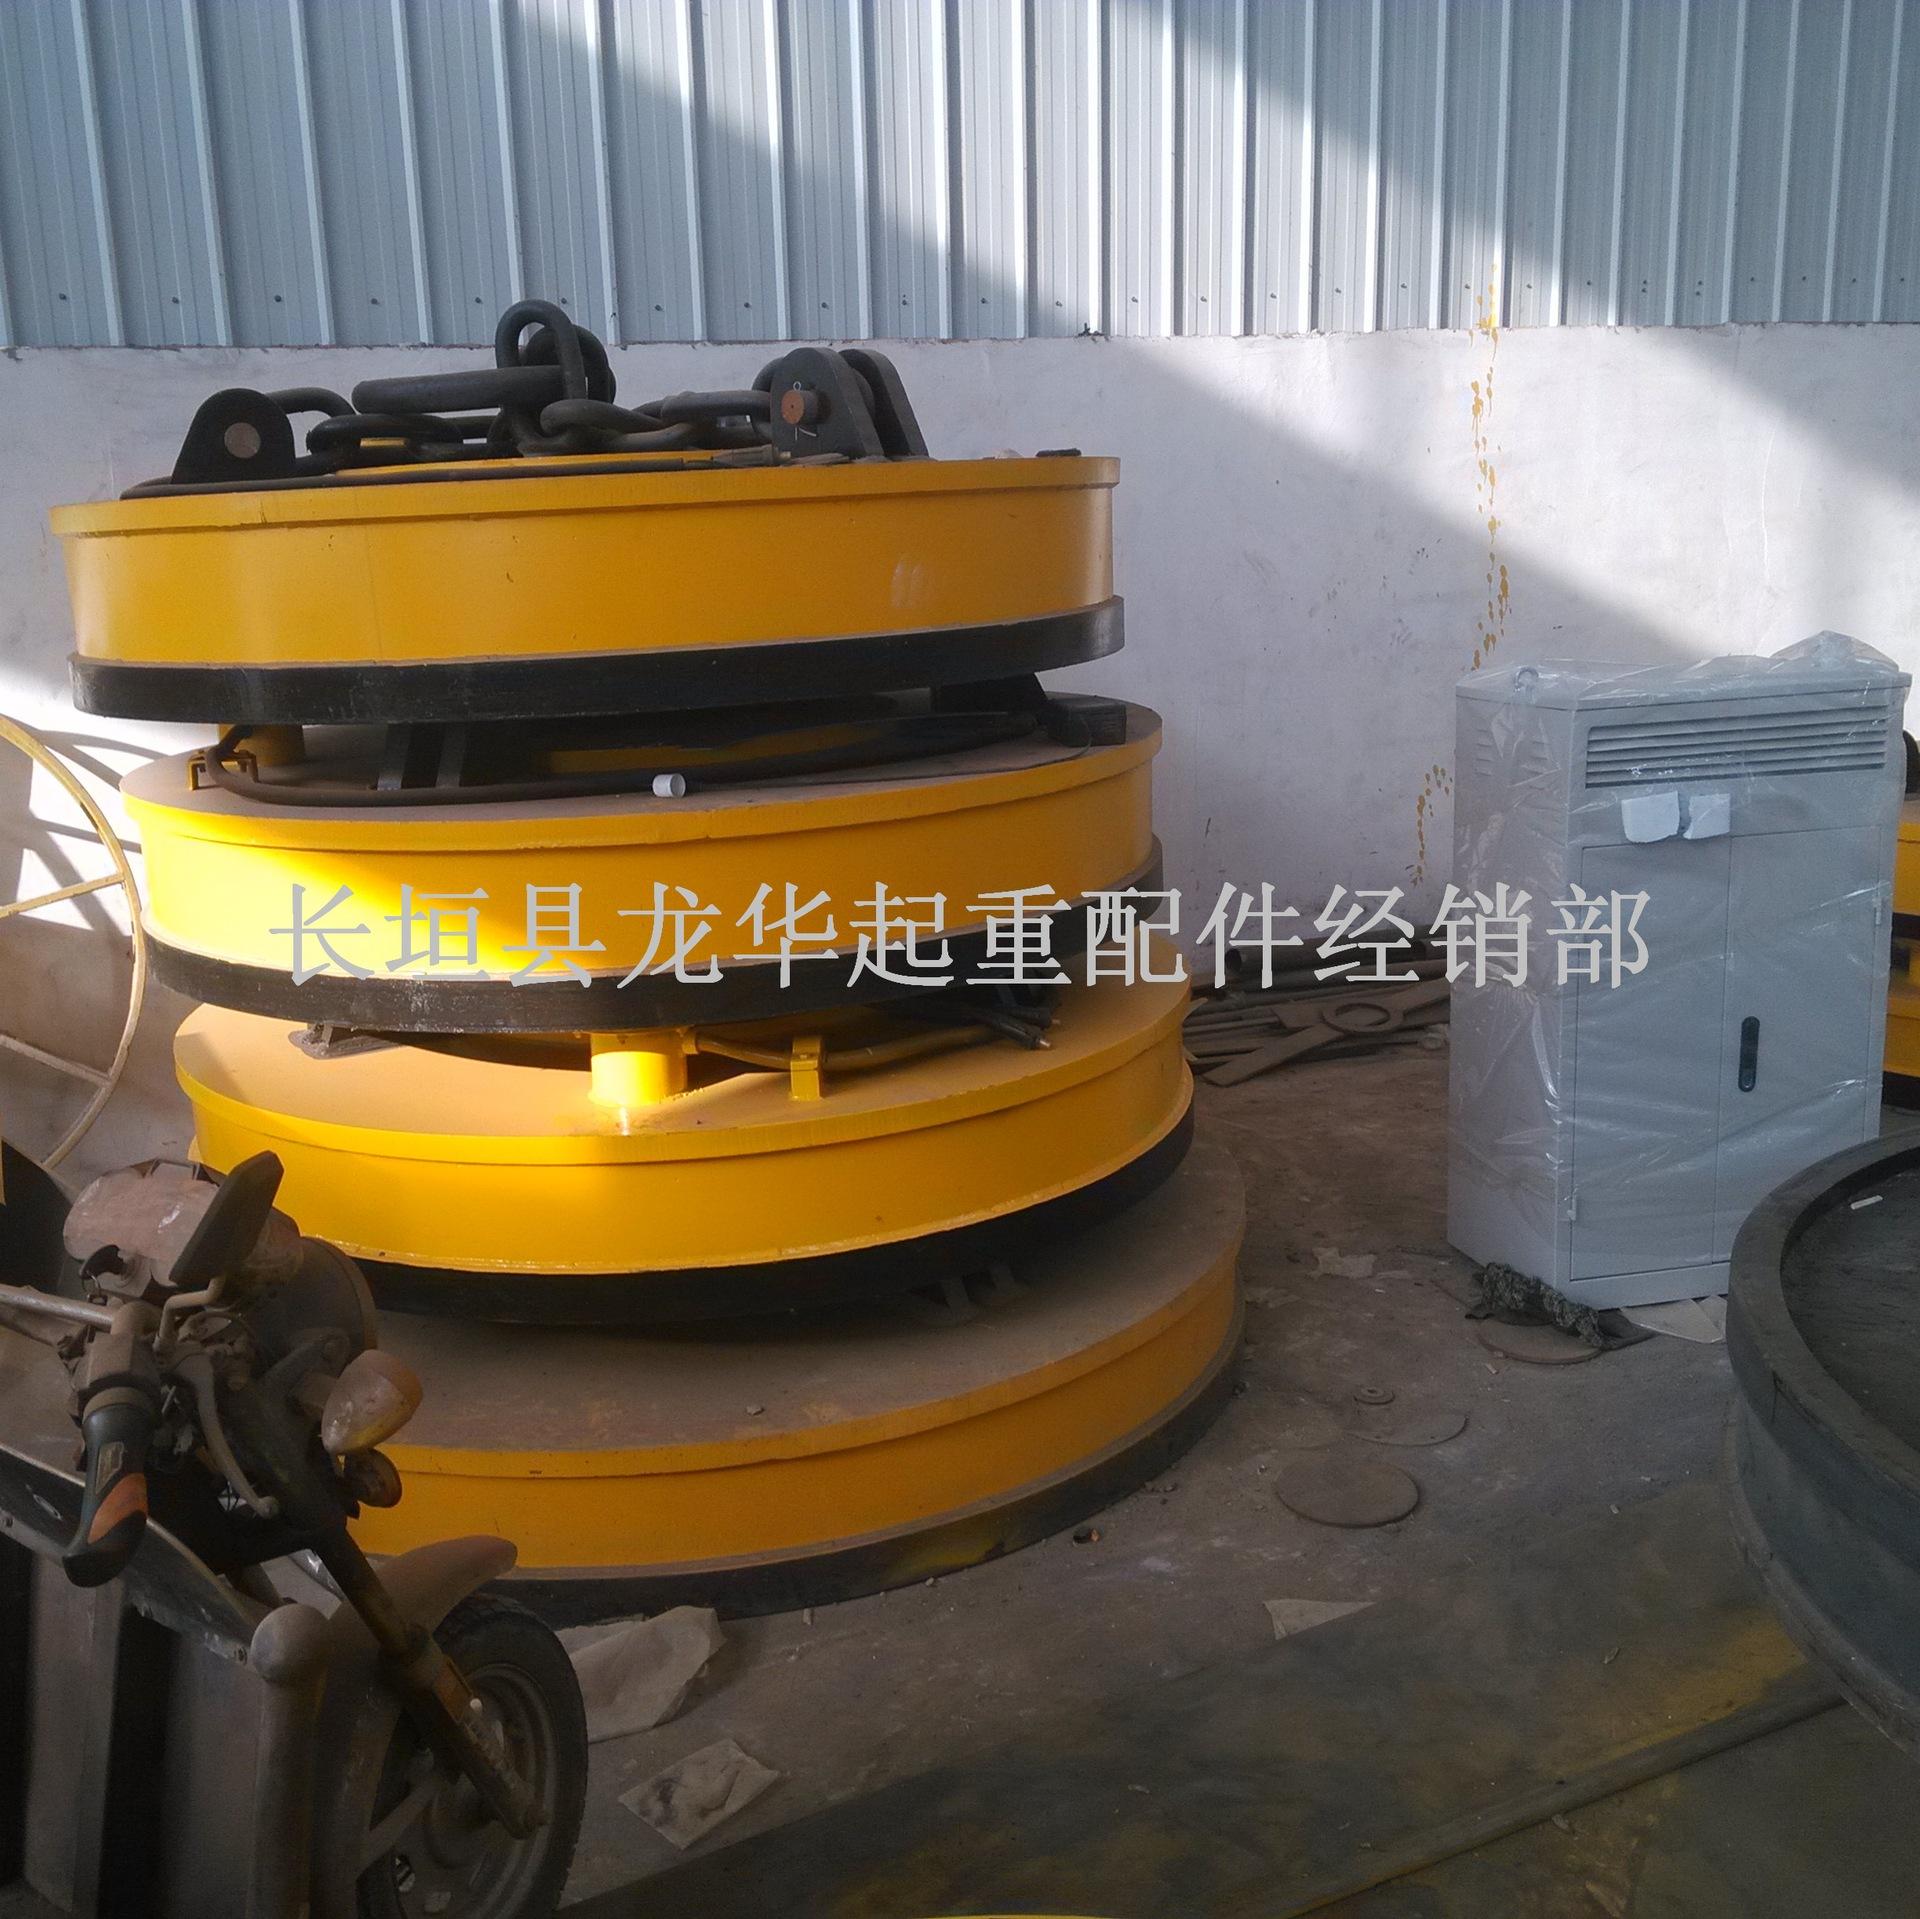 【加工定制】起重电磁铁 电磁吸盘 MW5系列吊运废钢用起重